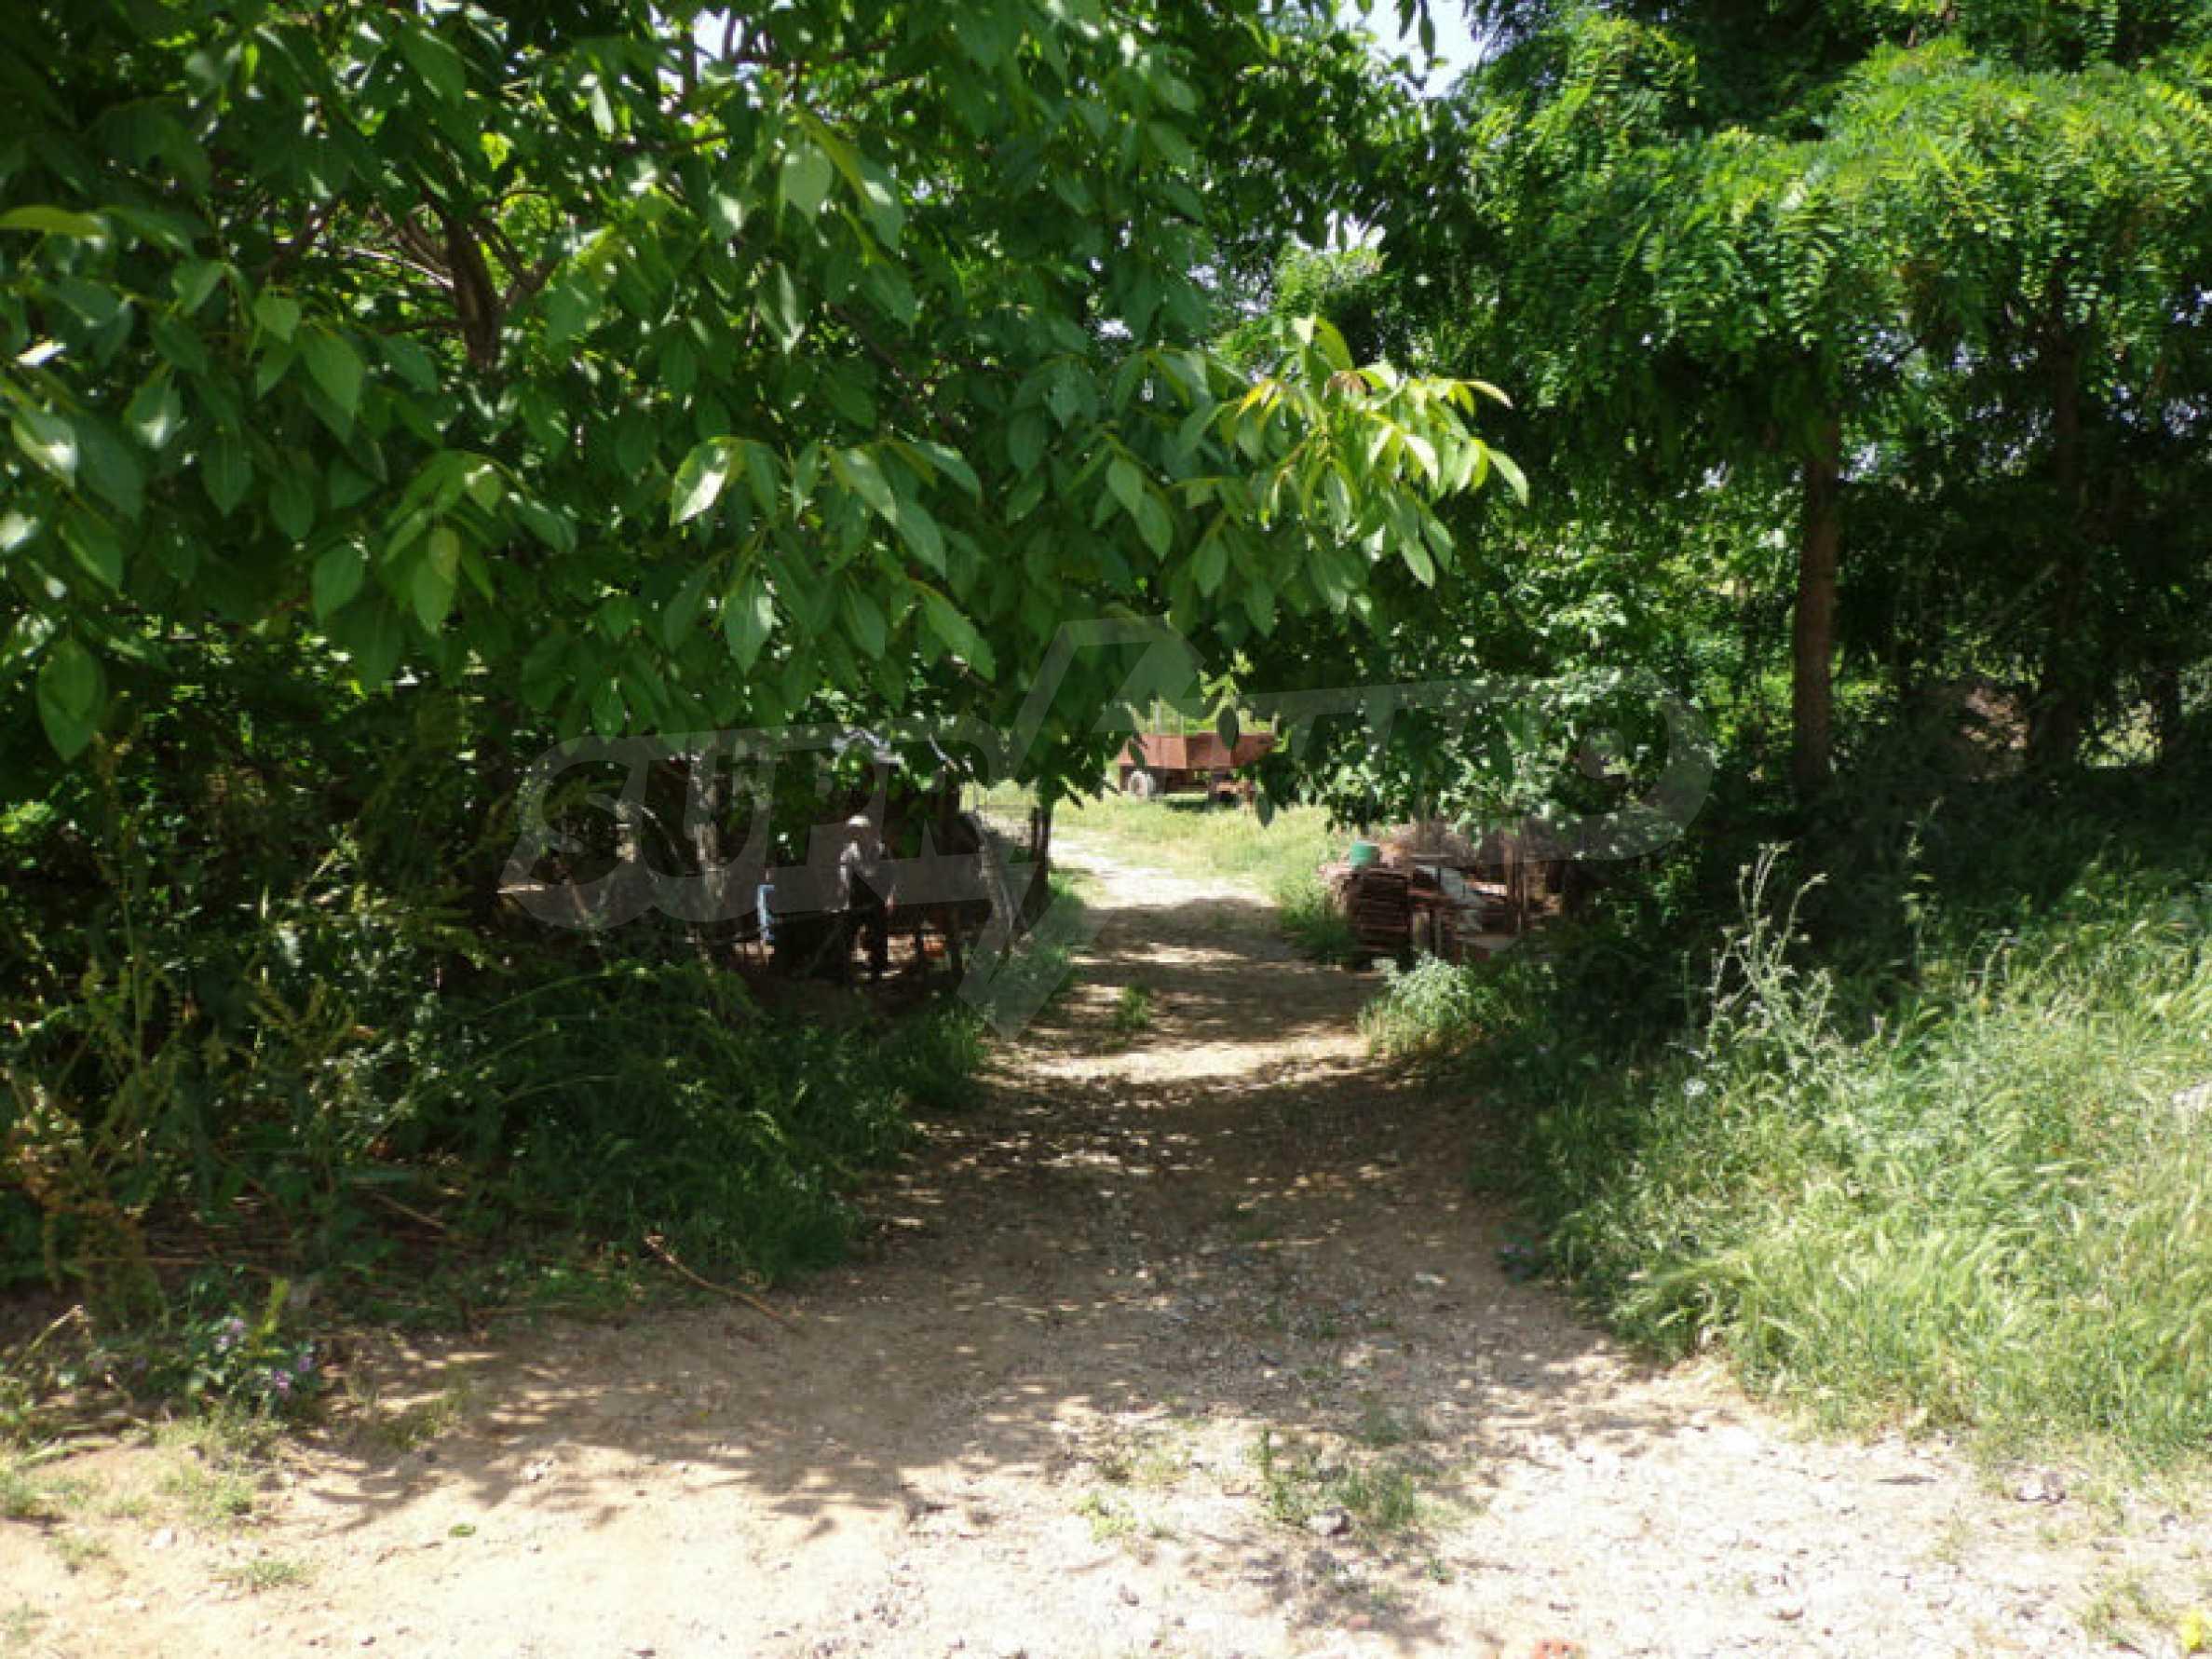 Grundstück zum Verkauf in einem malerischen Dorf 12 km von Sandanski entfernt 5